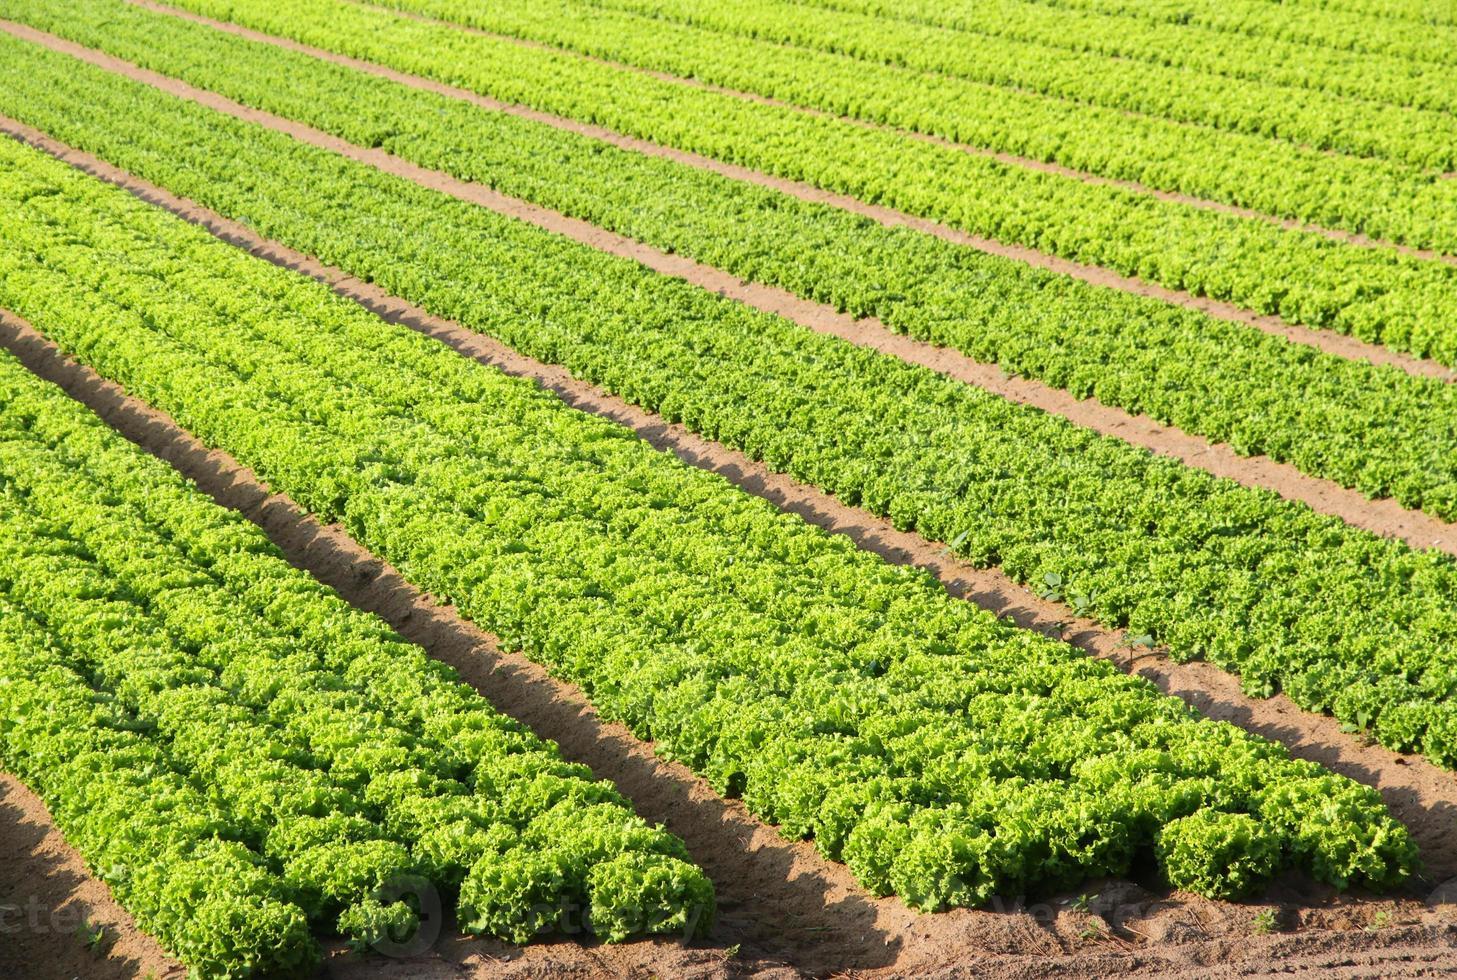 salade veld op een boerderij in Italië foto